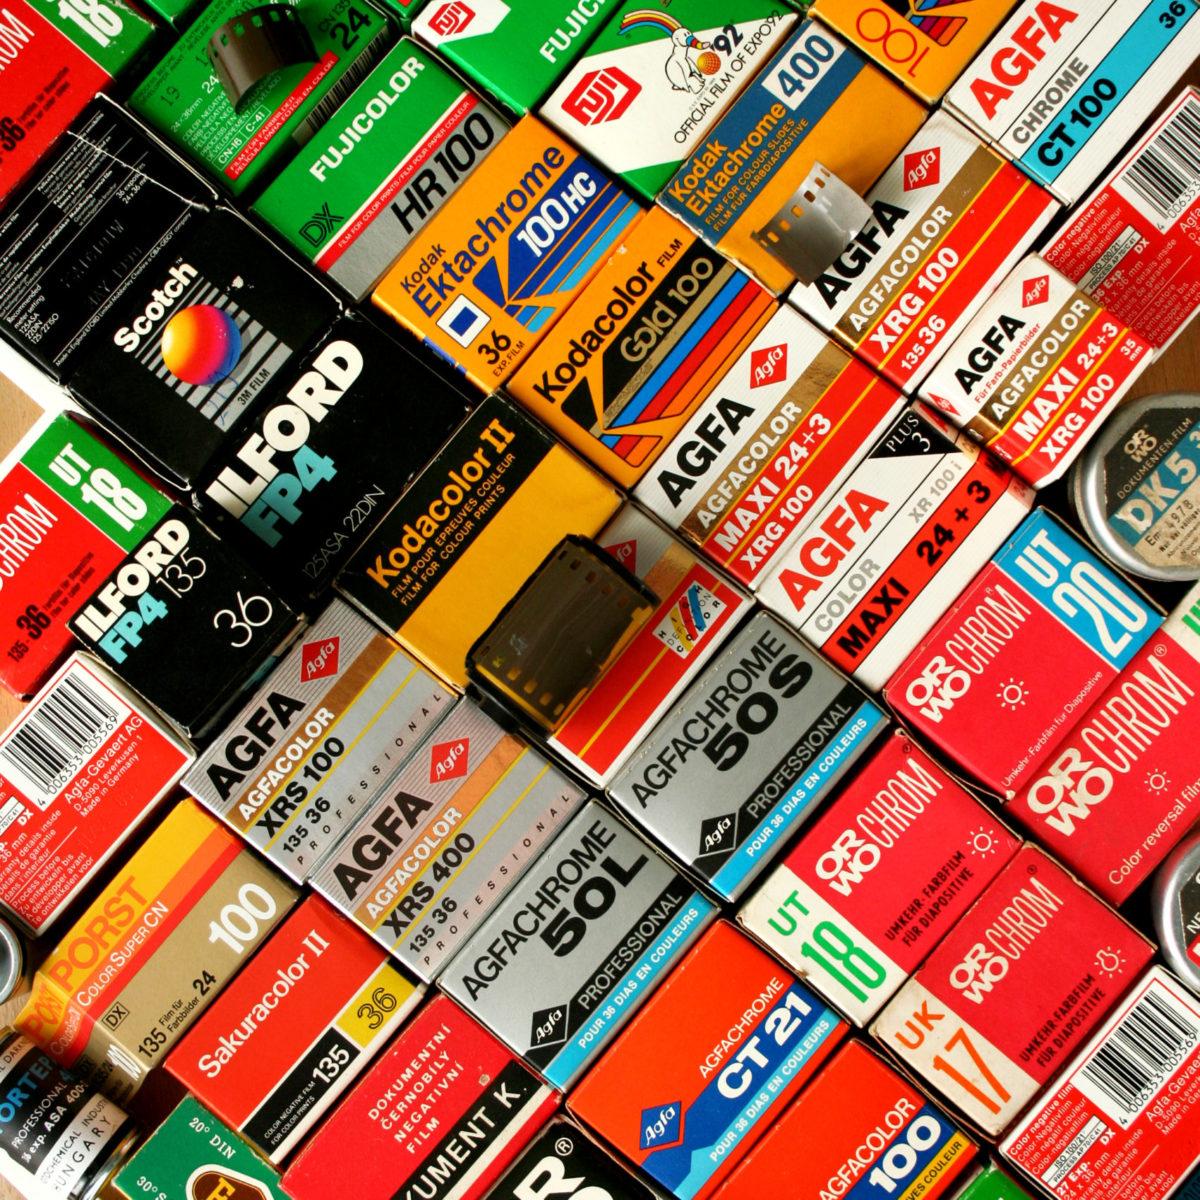 Filmové simulace u foťáků Fujifilm - jak je zdokonalit?